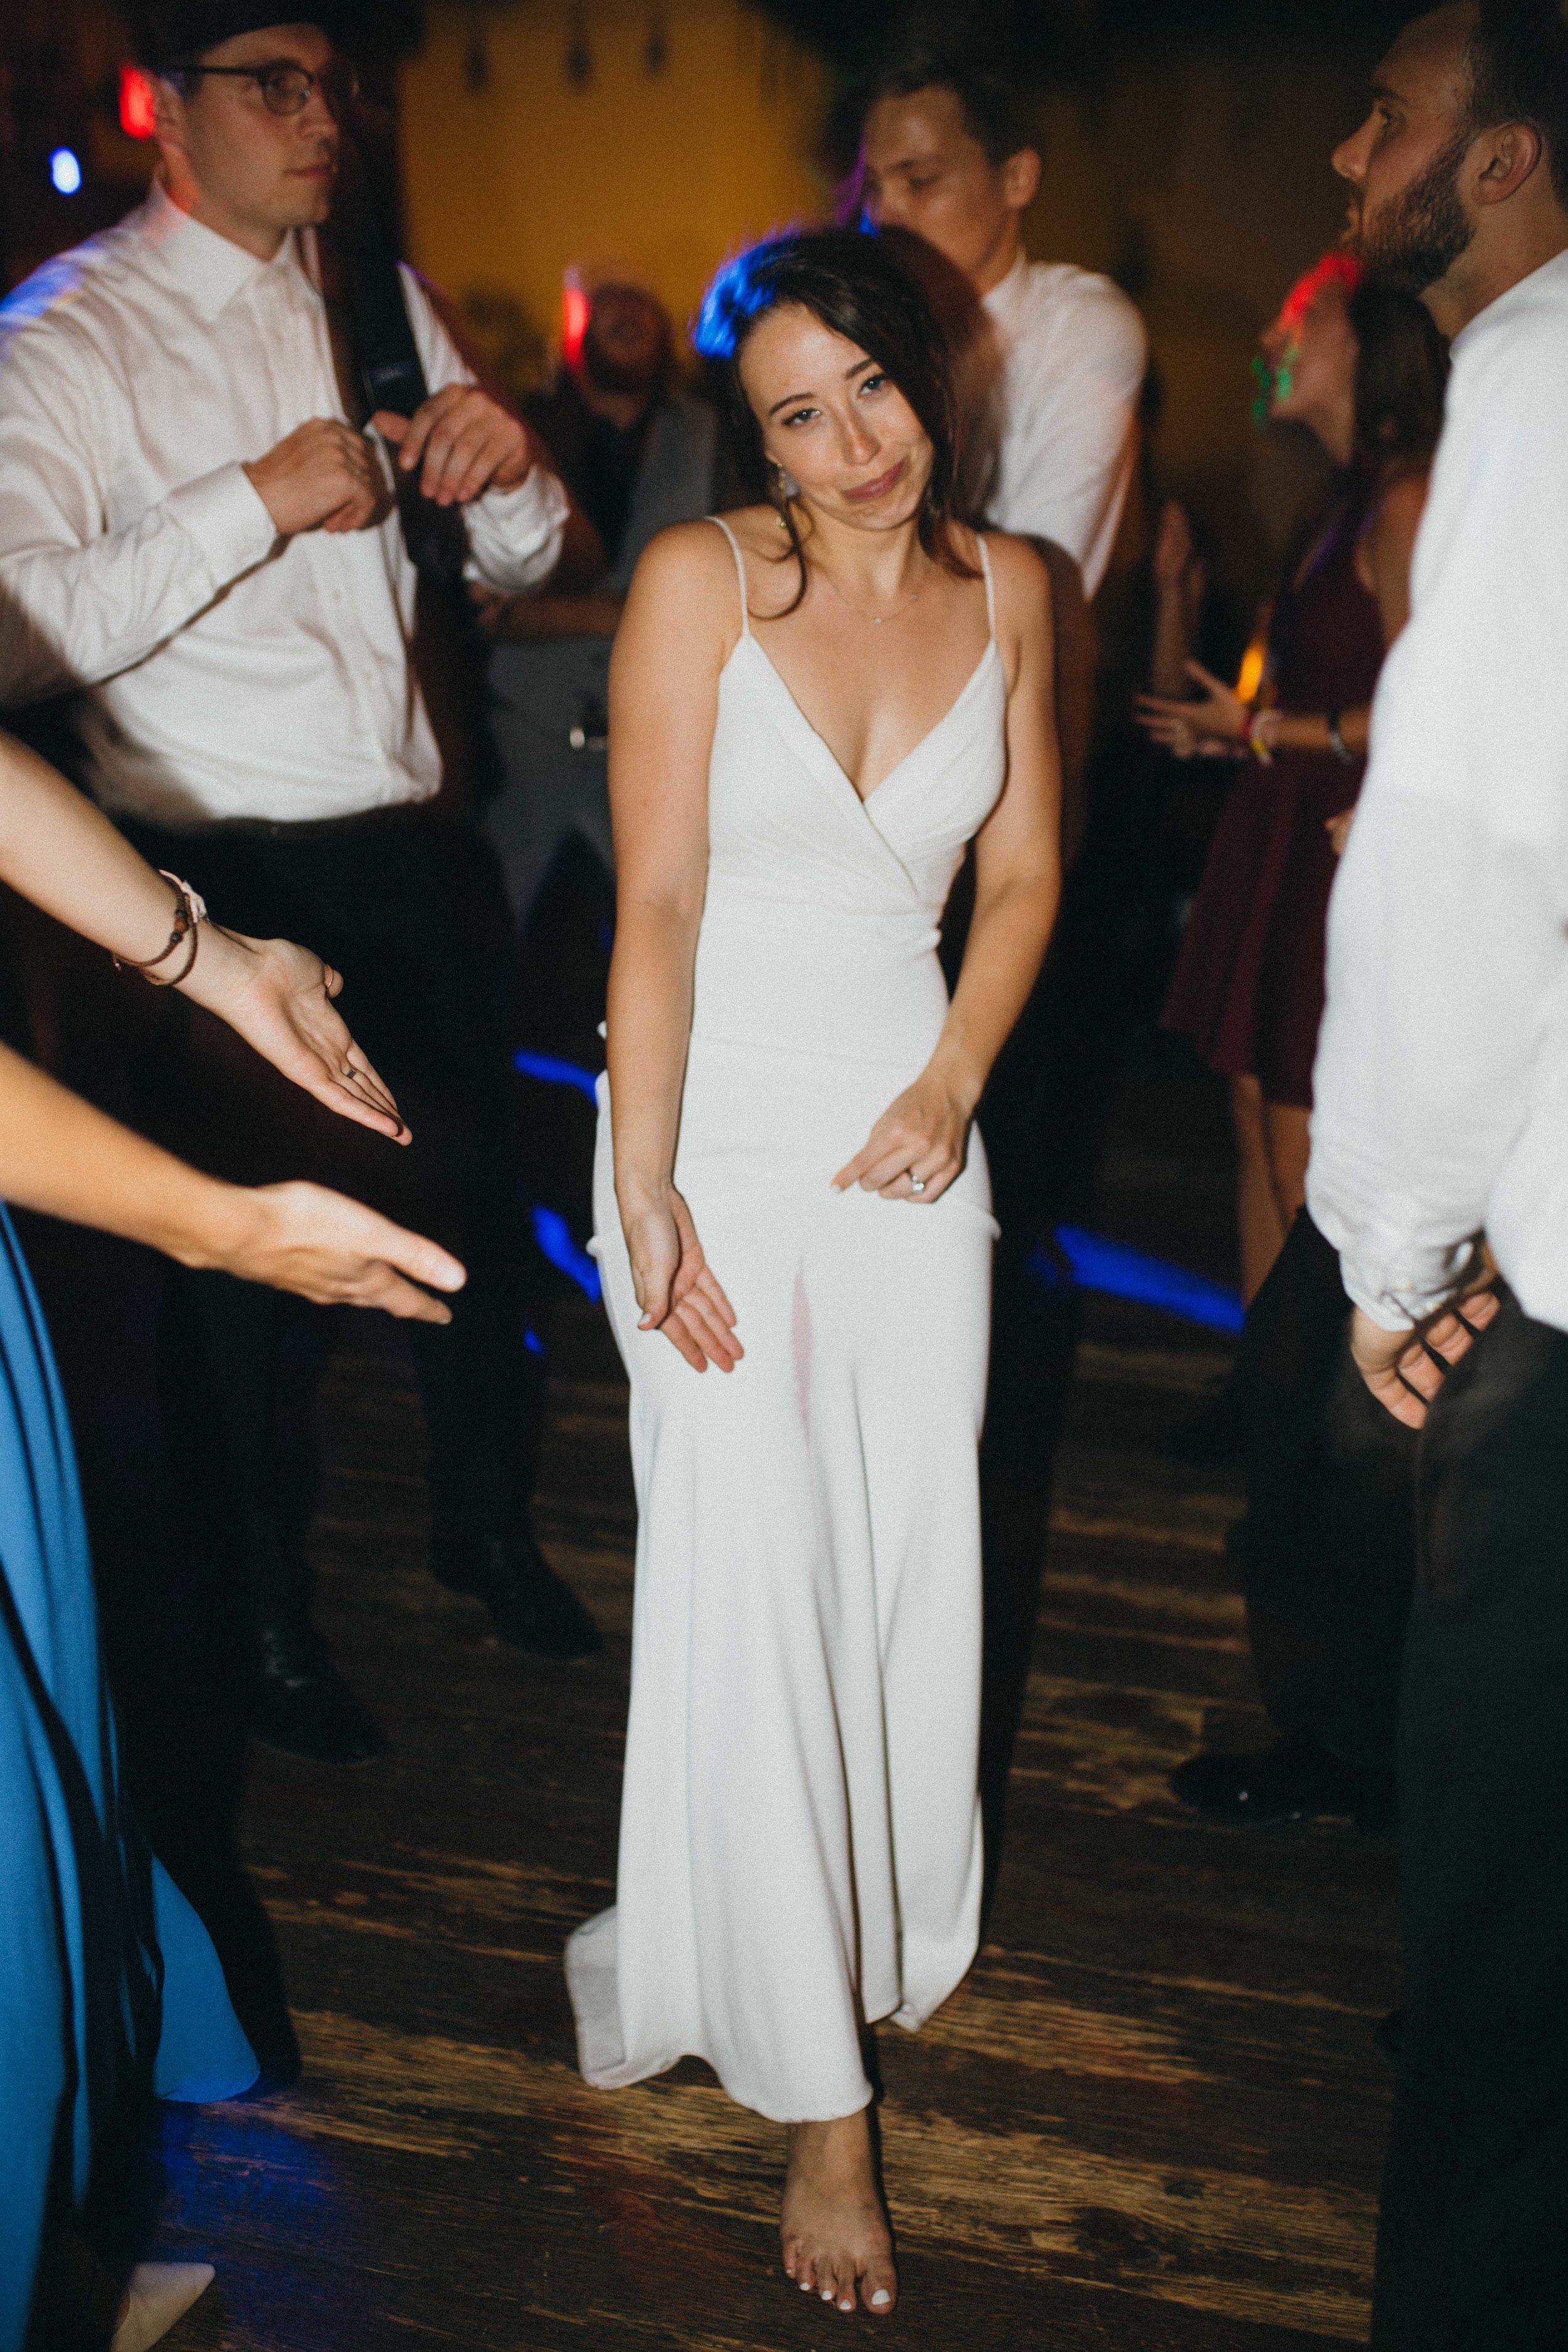 kacey sam wedding 4286.jpg